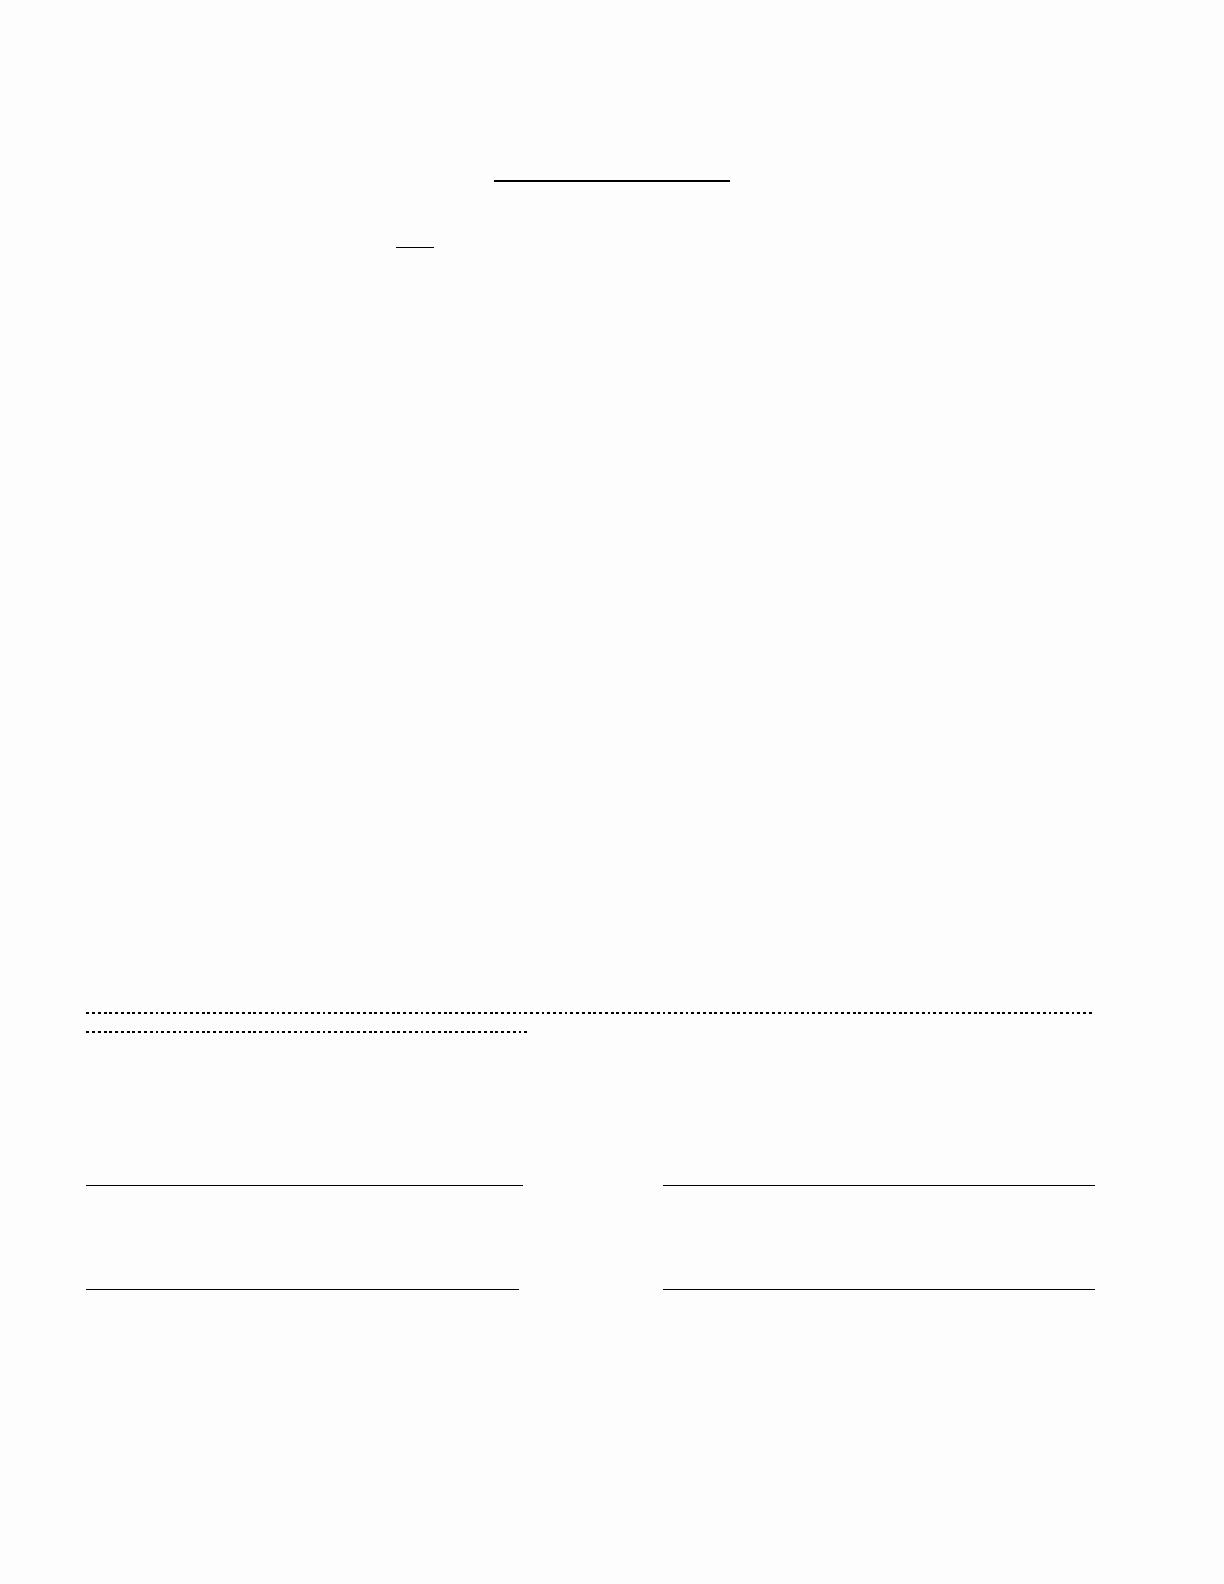 Free Vendor Application form Template Inspirational Download Vendor Application Template for Free